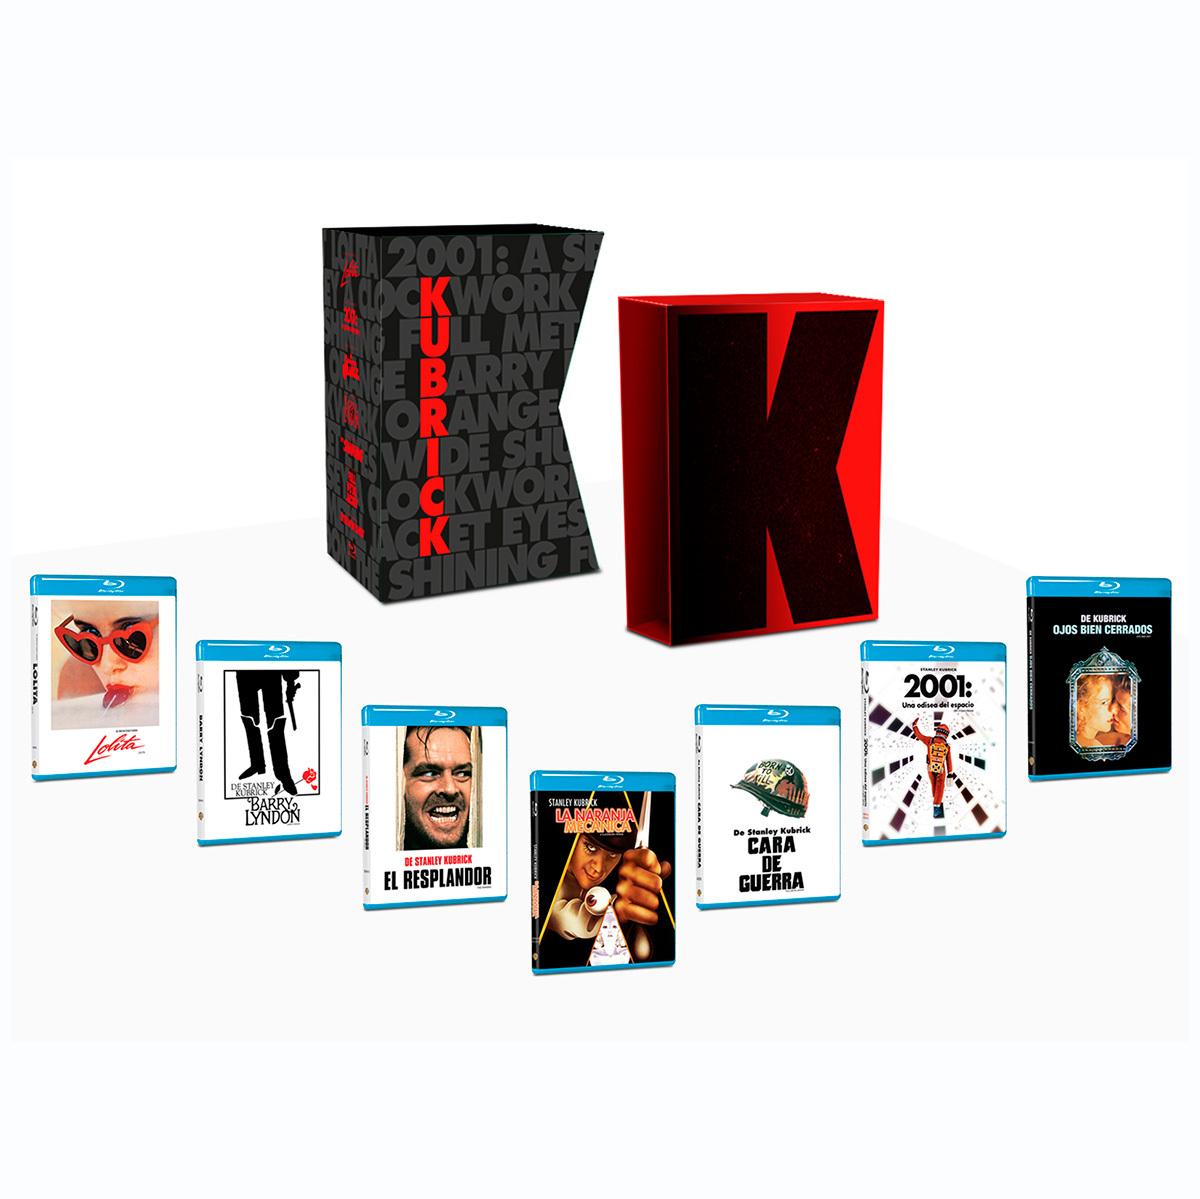 Costco: BR- Paquete Stanley Kubrick, Incluye 7 Títulos